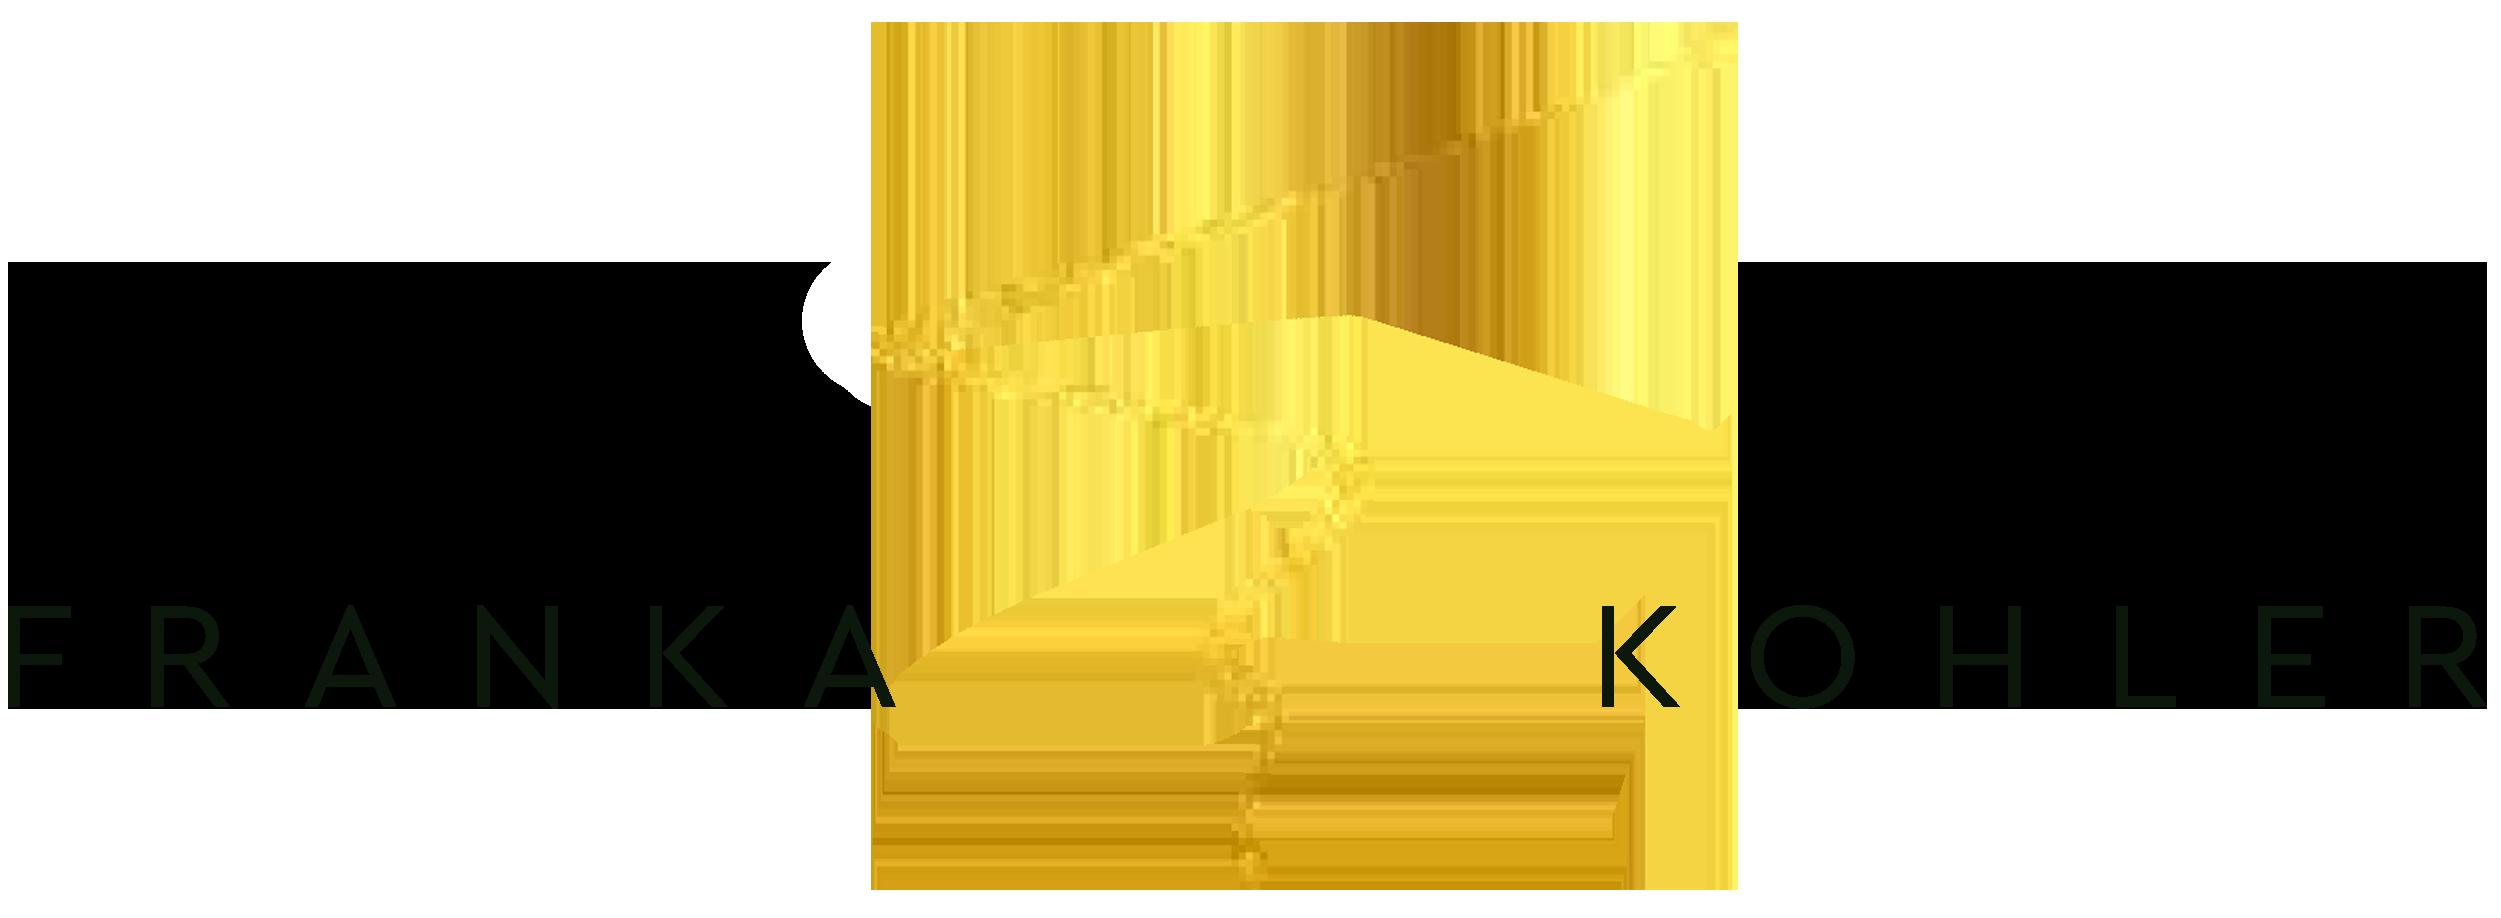 FRANKA KOHLER